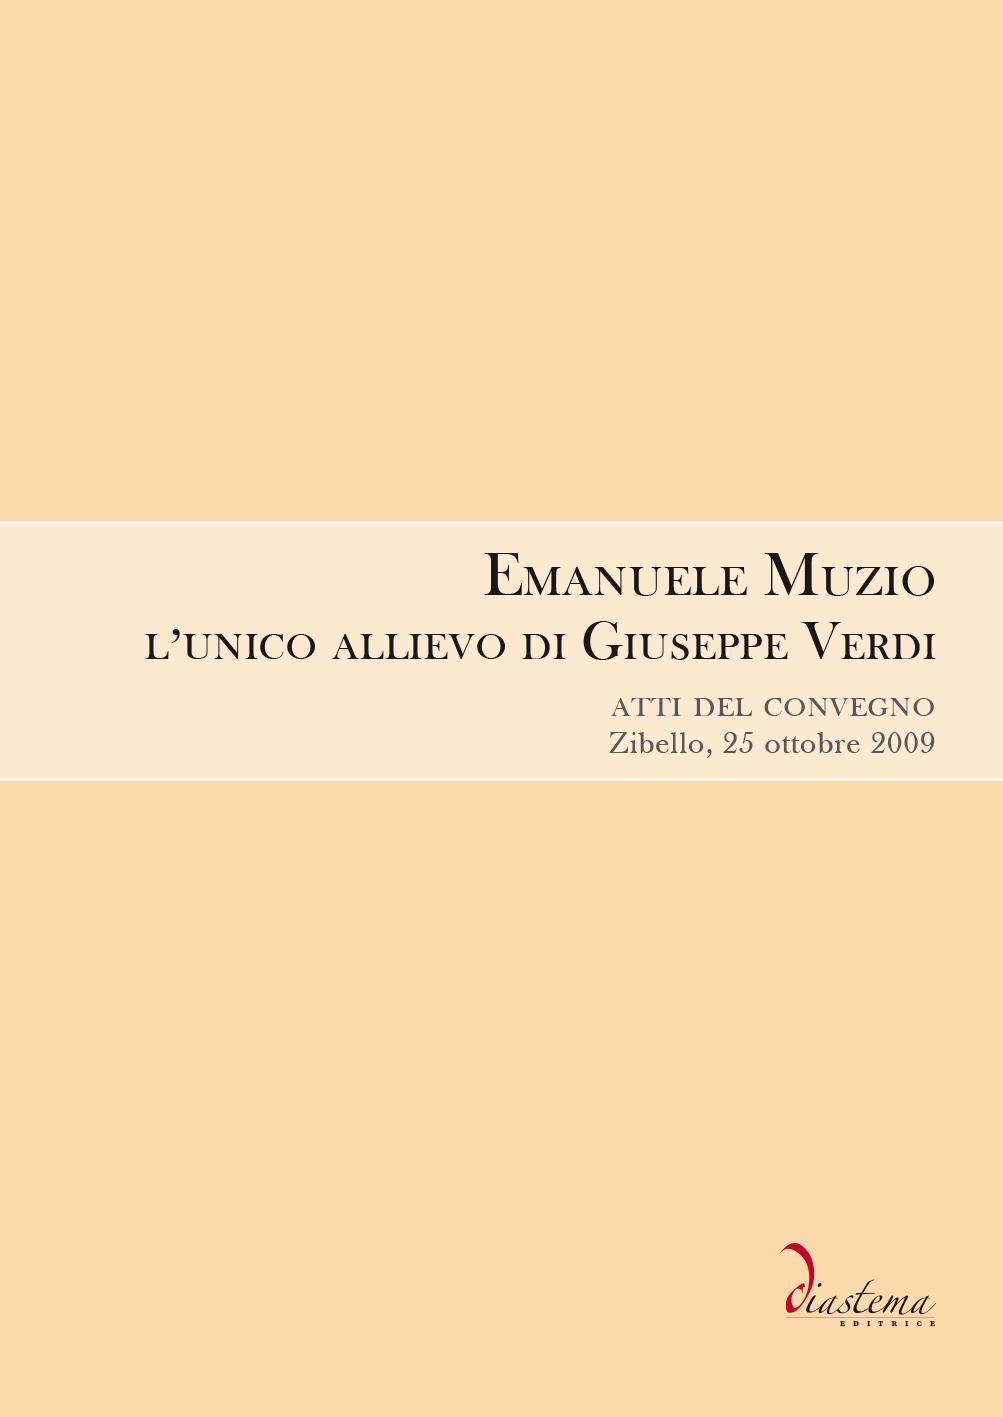 """<strong><span style=""""color: #b10f26;""""><br>Emanuele Muzio, l'unico allievo di Giuseppe Verdi</p></span></strong><span style=""""color: #000;"""">atti del convegno – Zibello, 25 ottobre 2009<br><span style=""""color: #000;""""></span></strong>"""